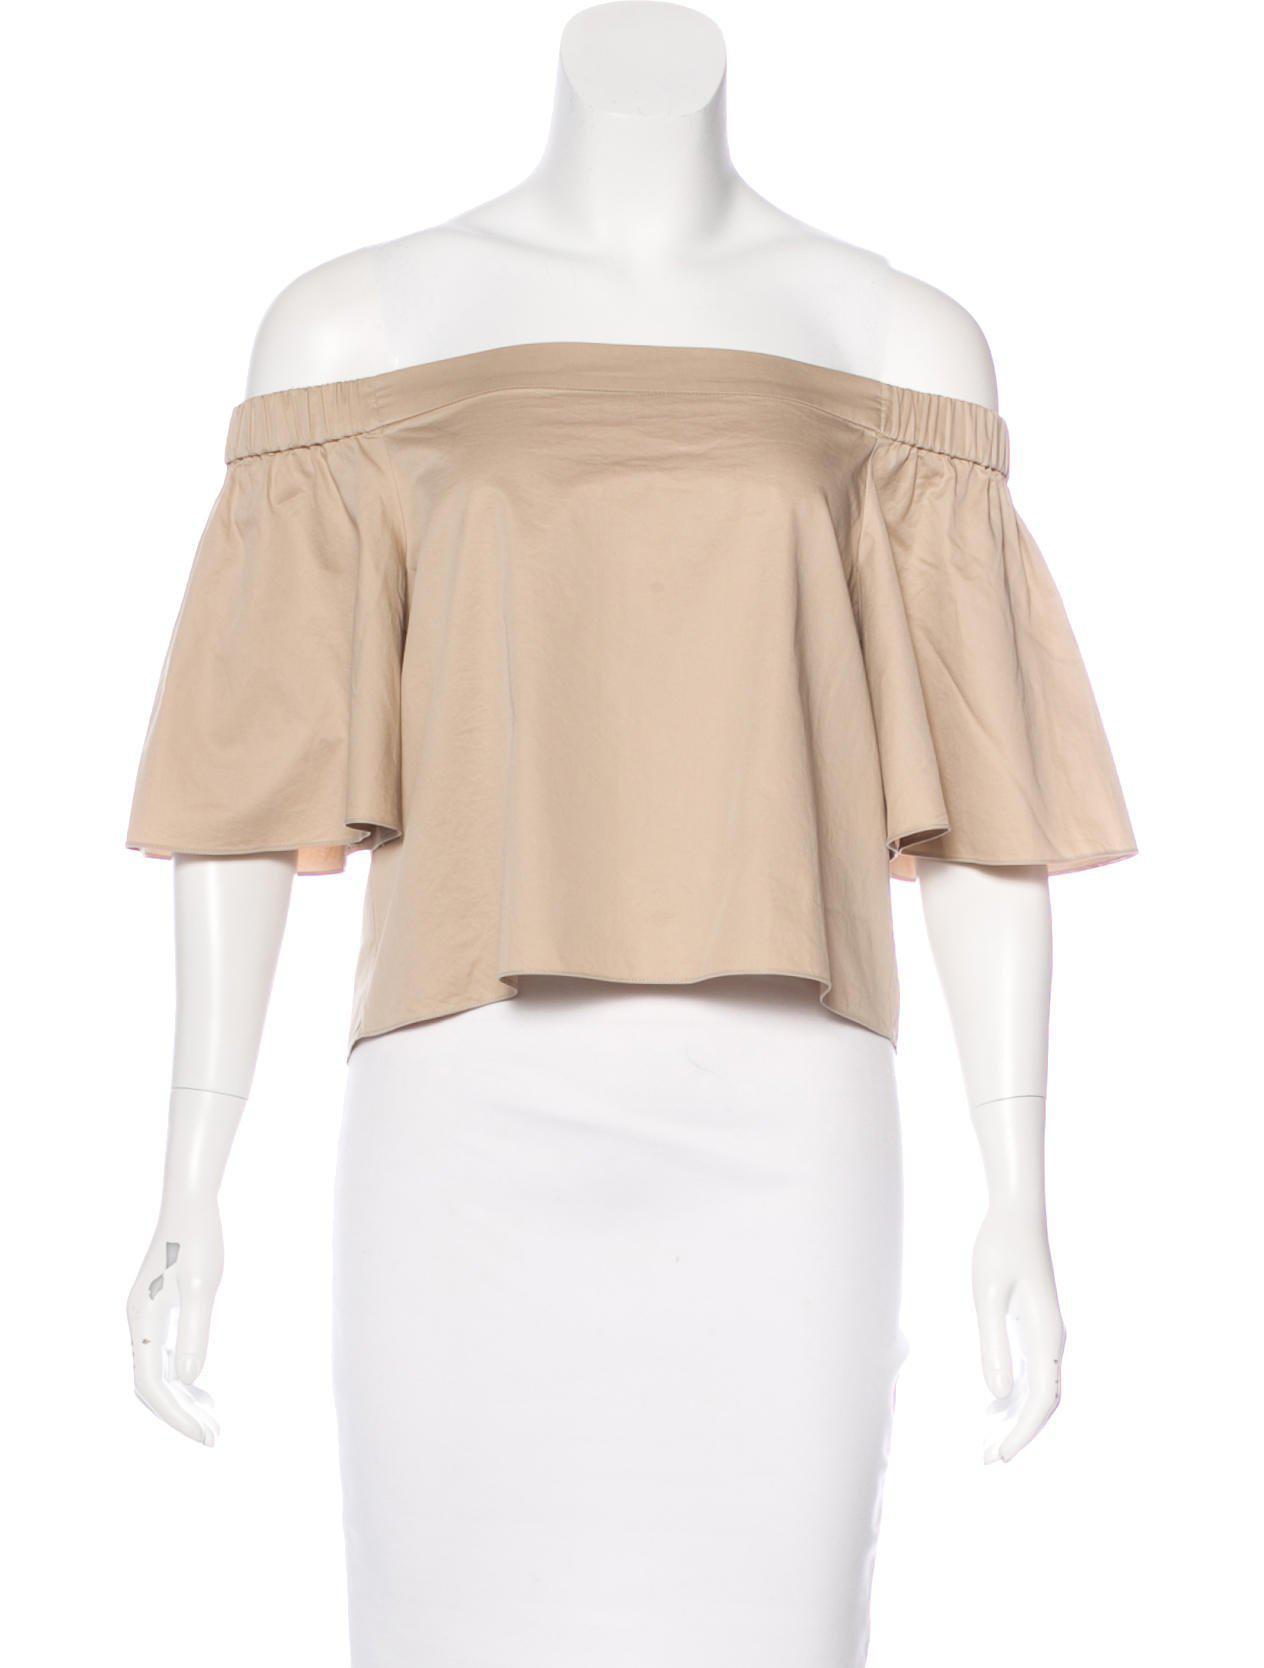 983b2b45909066 Lyst - Tibi Off-the-shoulder Crop Top Tan in Natural